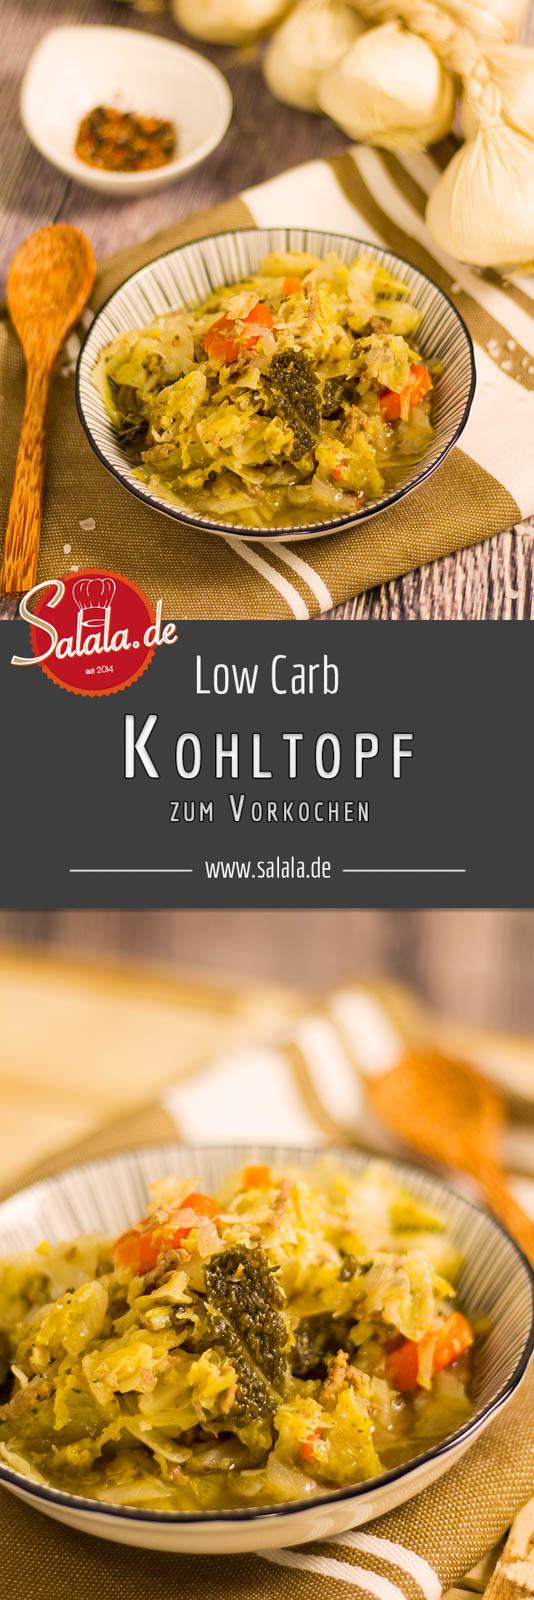 Low Carb Kohltopf zum vorkochen - by salala.de - Weißkohl Wirsing Speck Hackfleisch vorkochen vorbereiten glutenfrei ohne Kartoffeln Eintopf zuckerfrei Rezept ohne Mehl